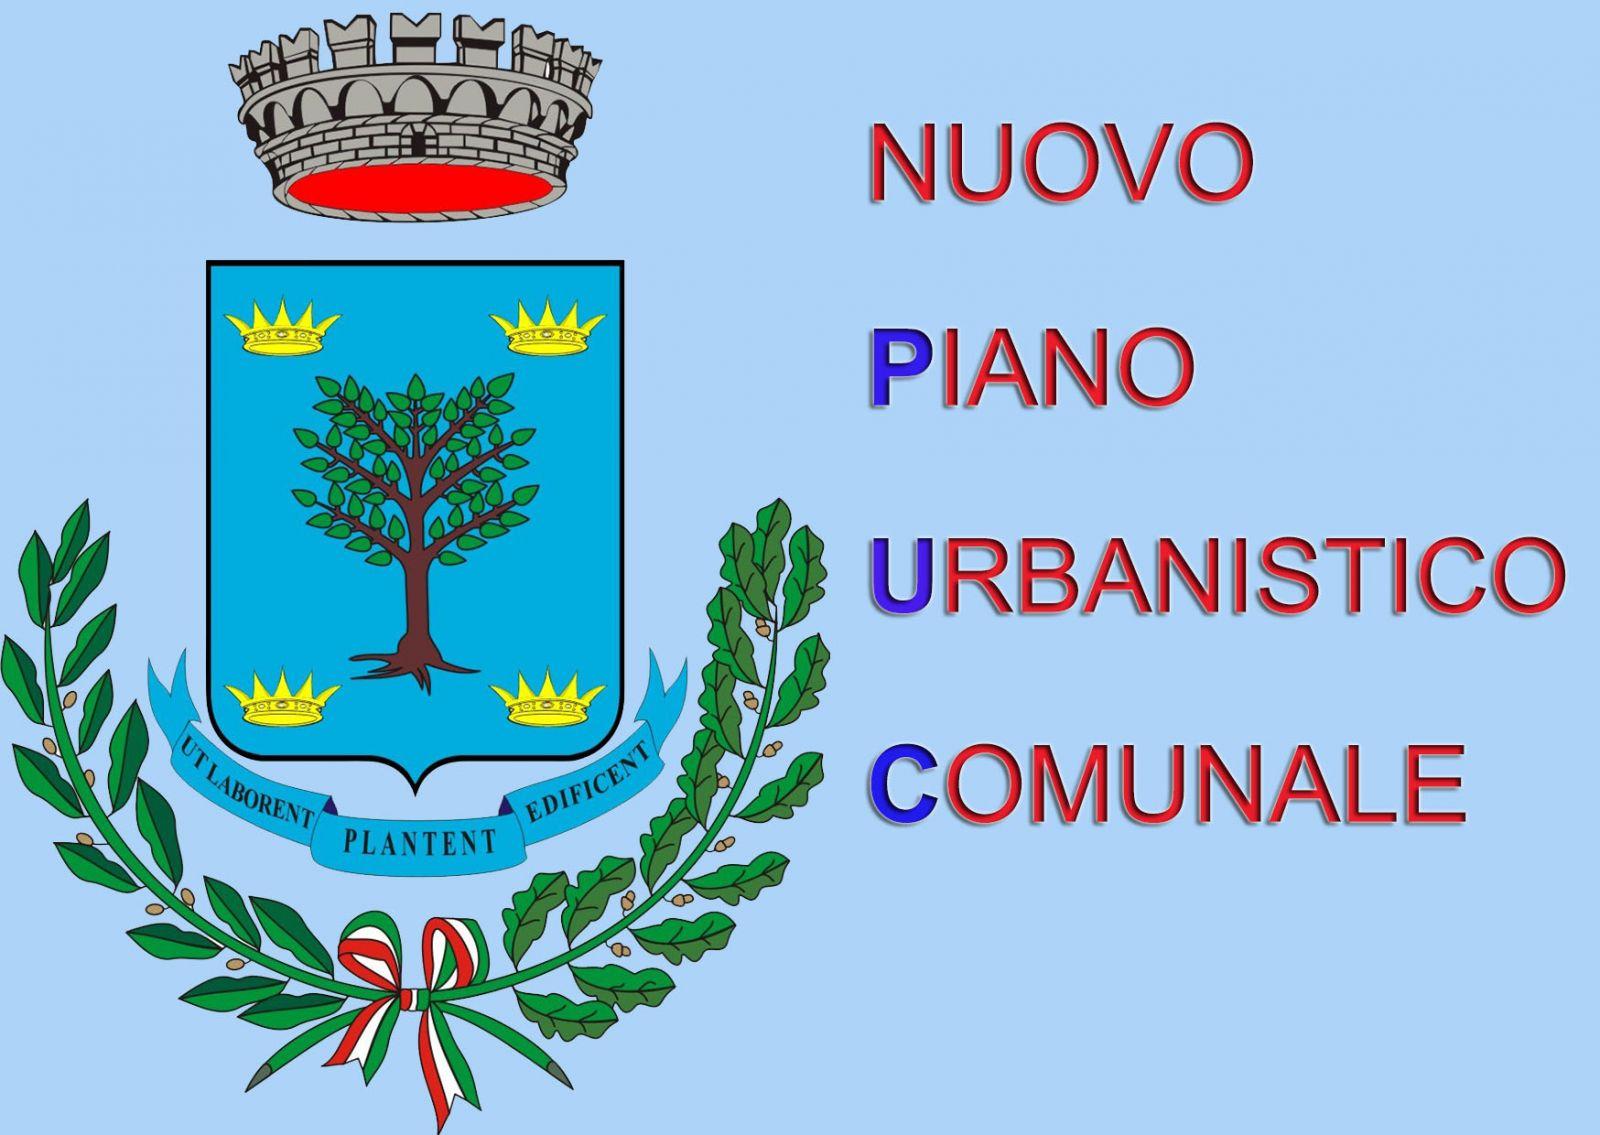 Adozione del Piano Urbanistico Comunale in adeguamento al PPR - Valutazione Ambientale Strategica